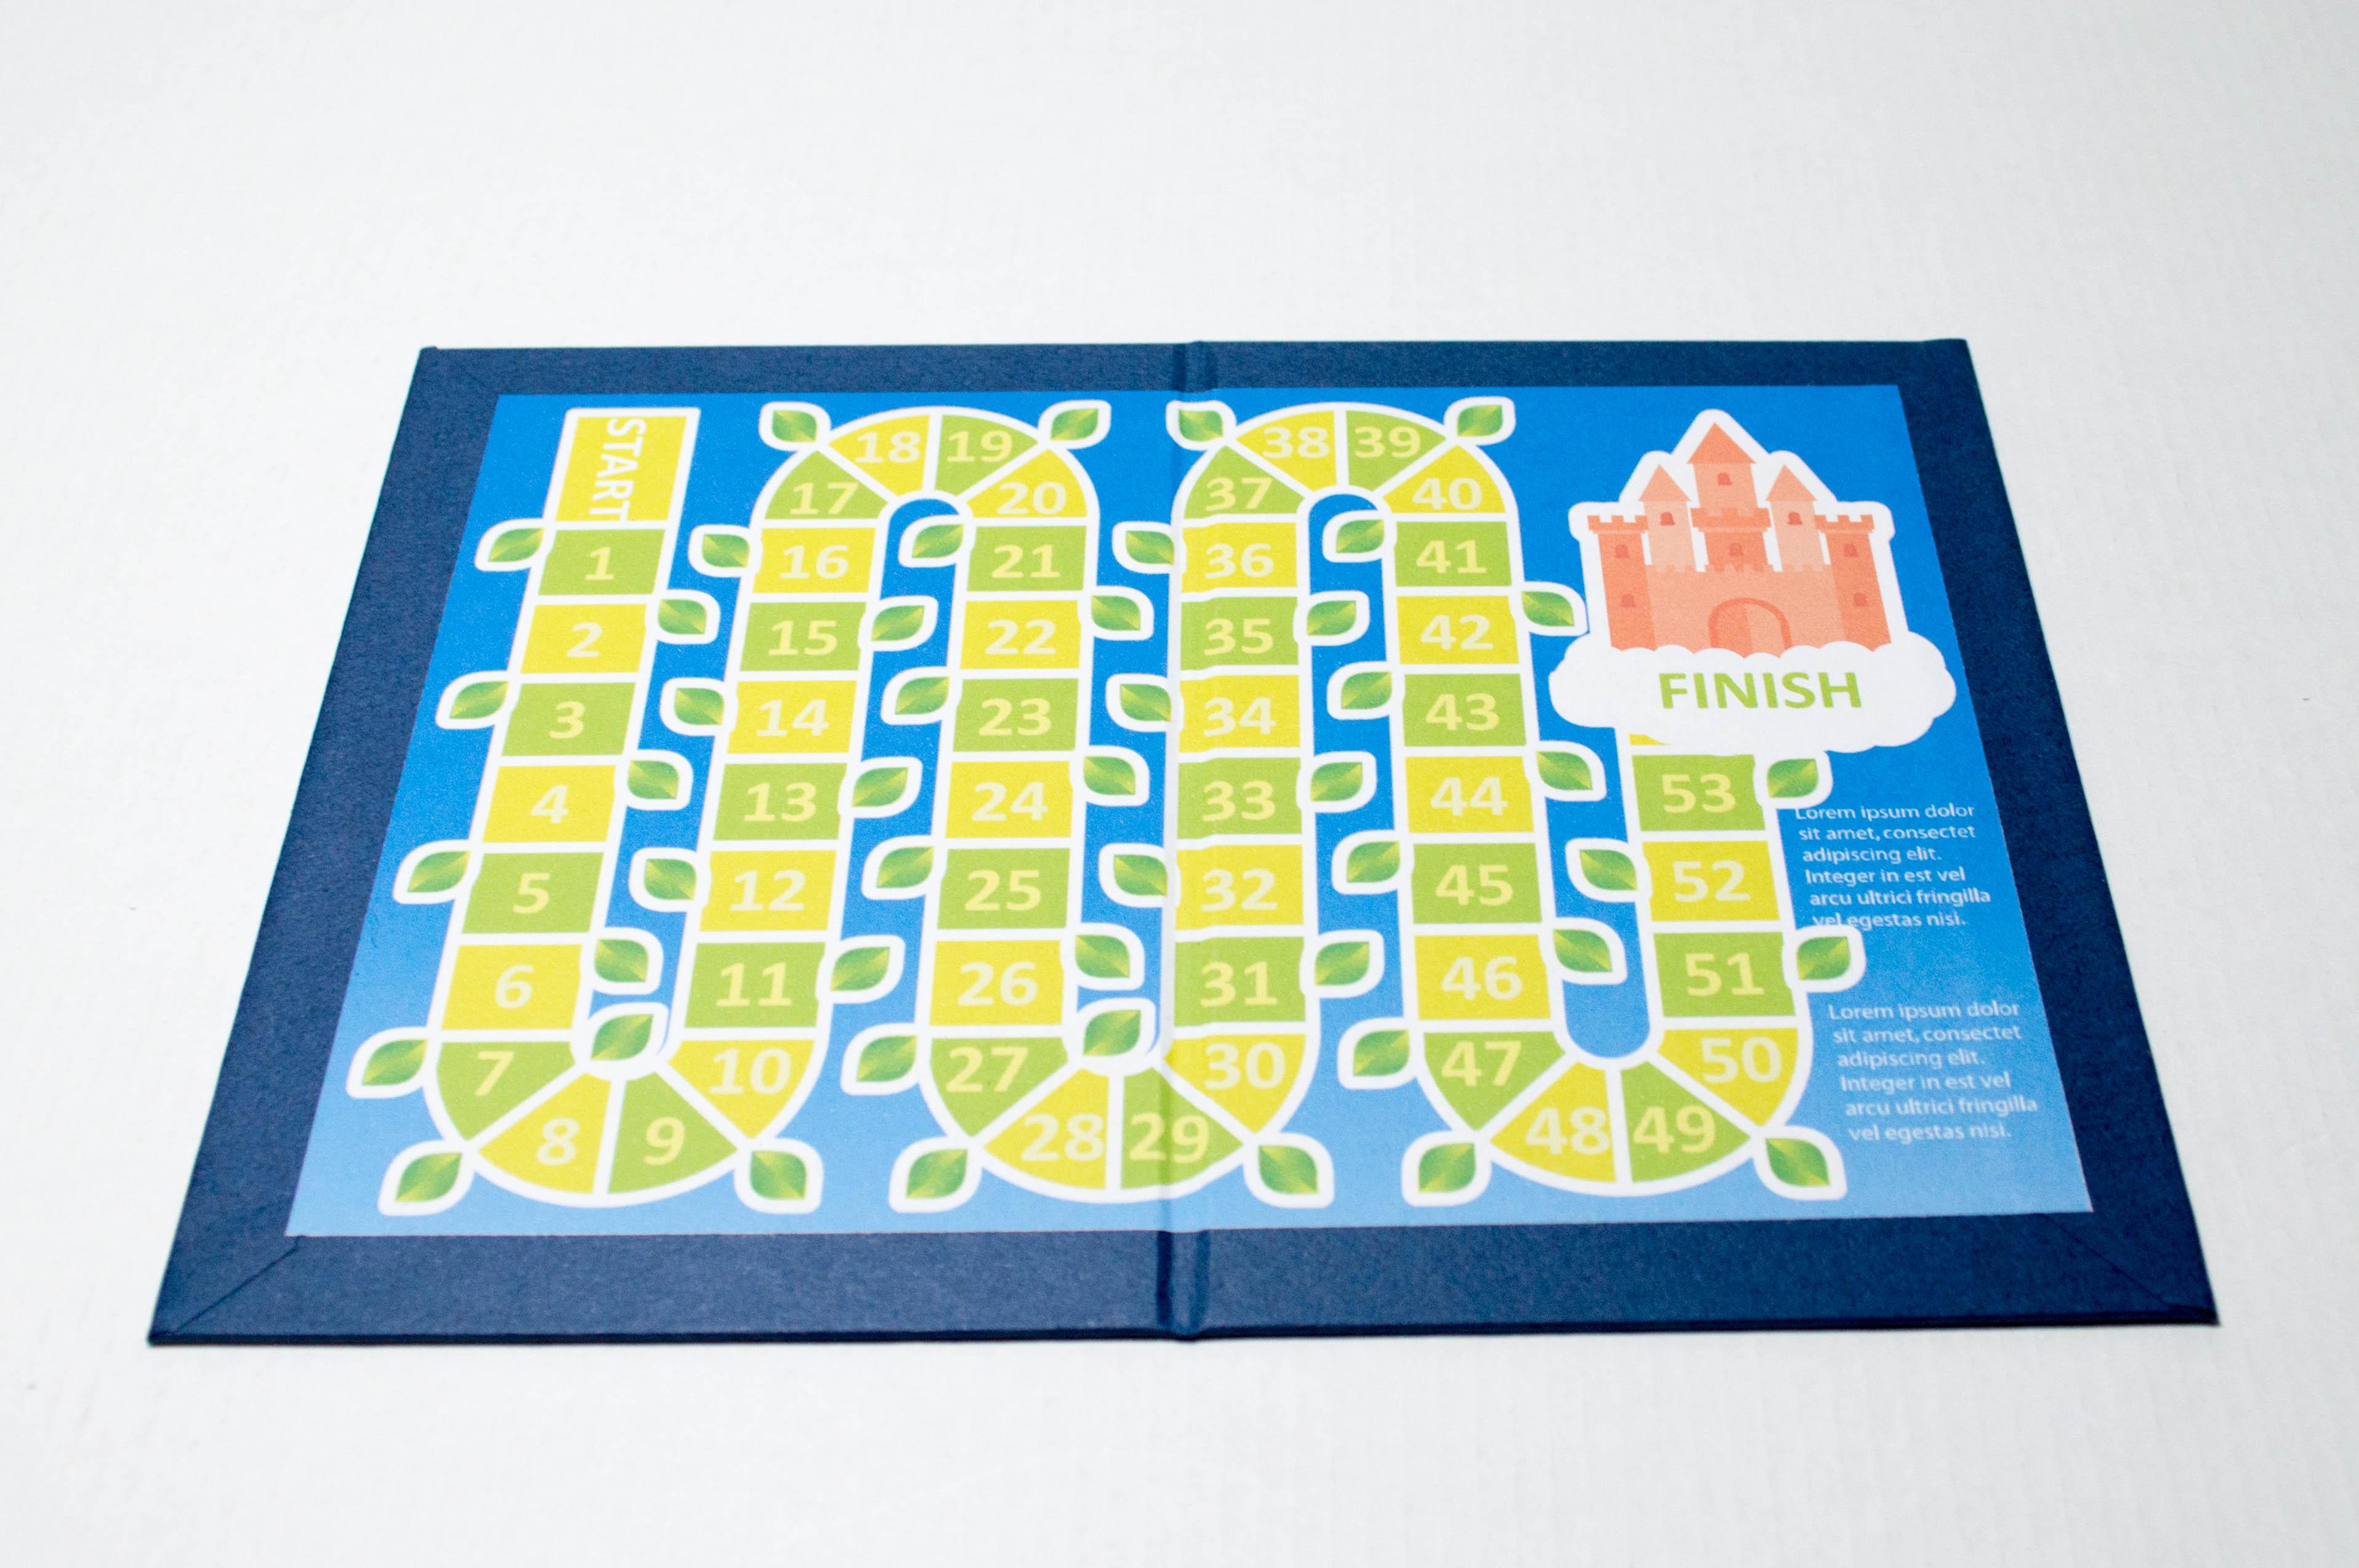 ゲームボード1